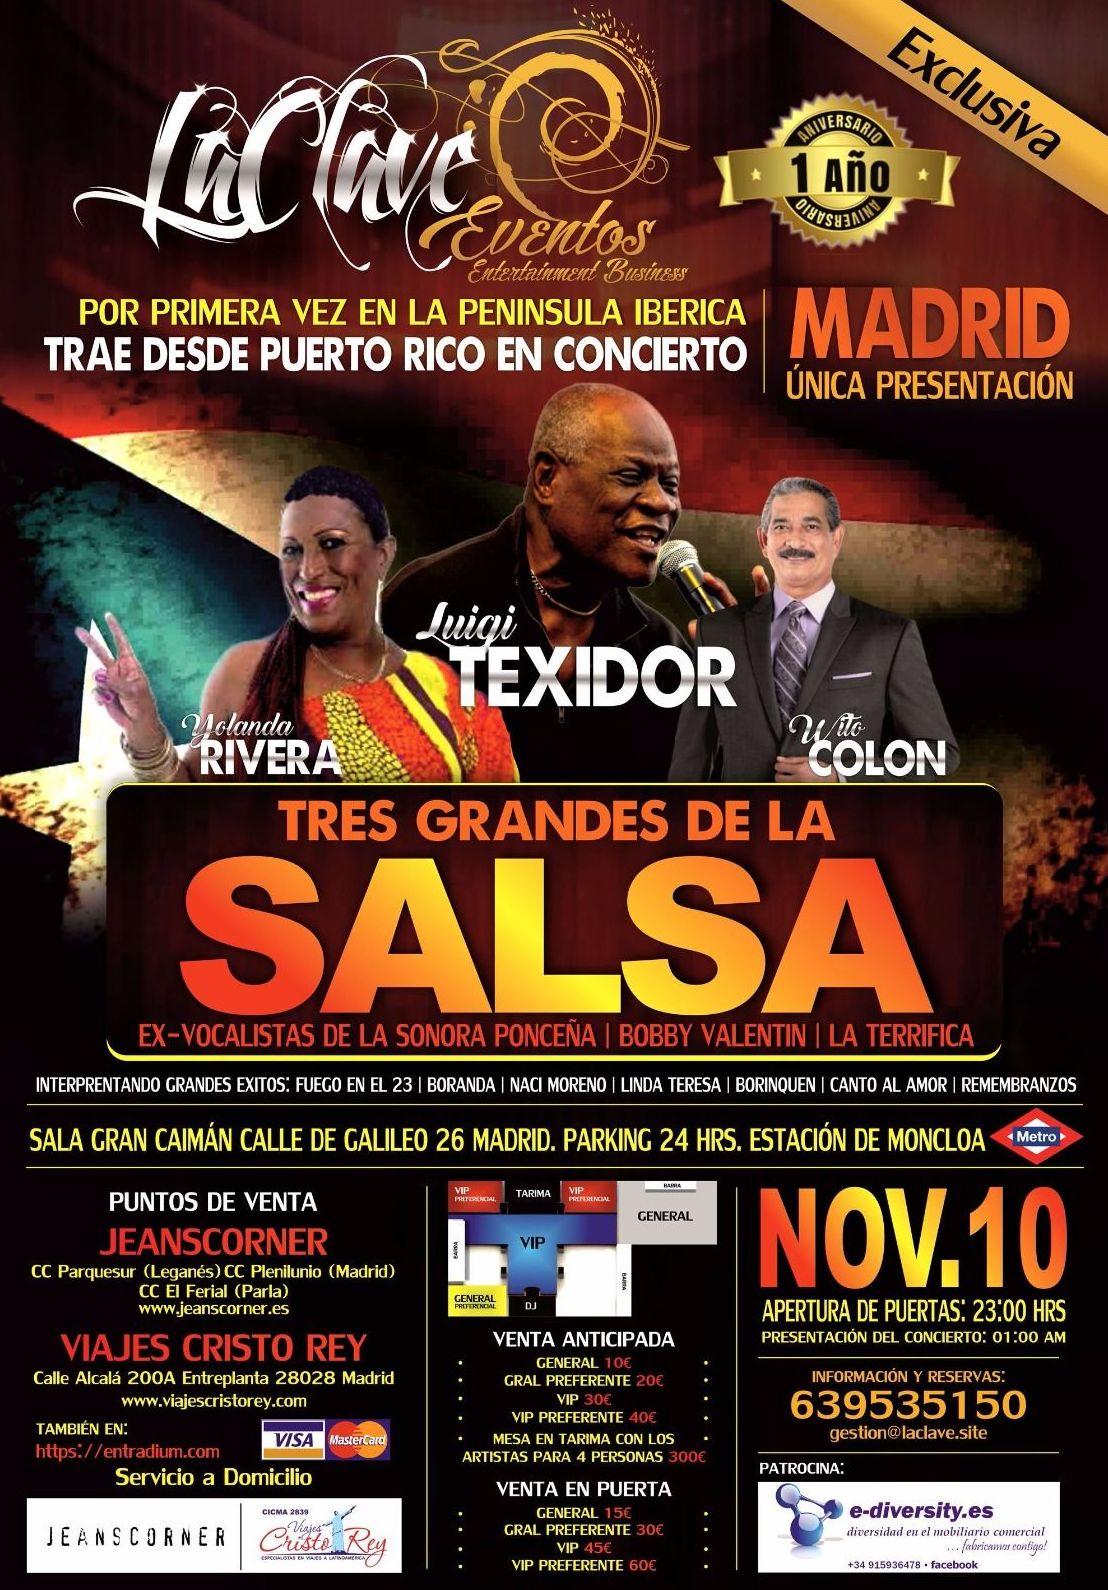 CONCIERTO DE SALSA EN MADRID